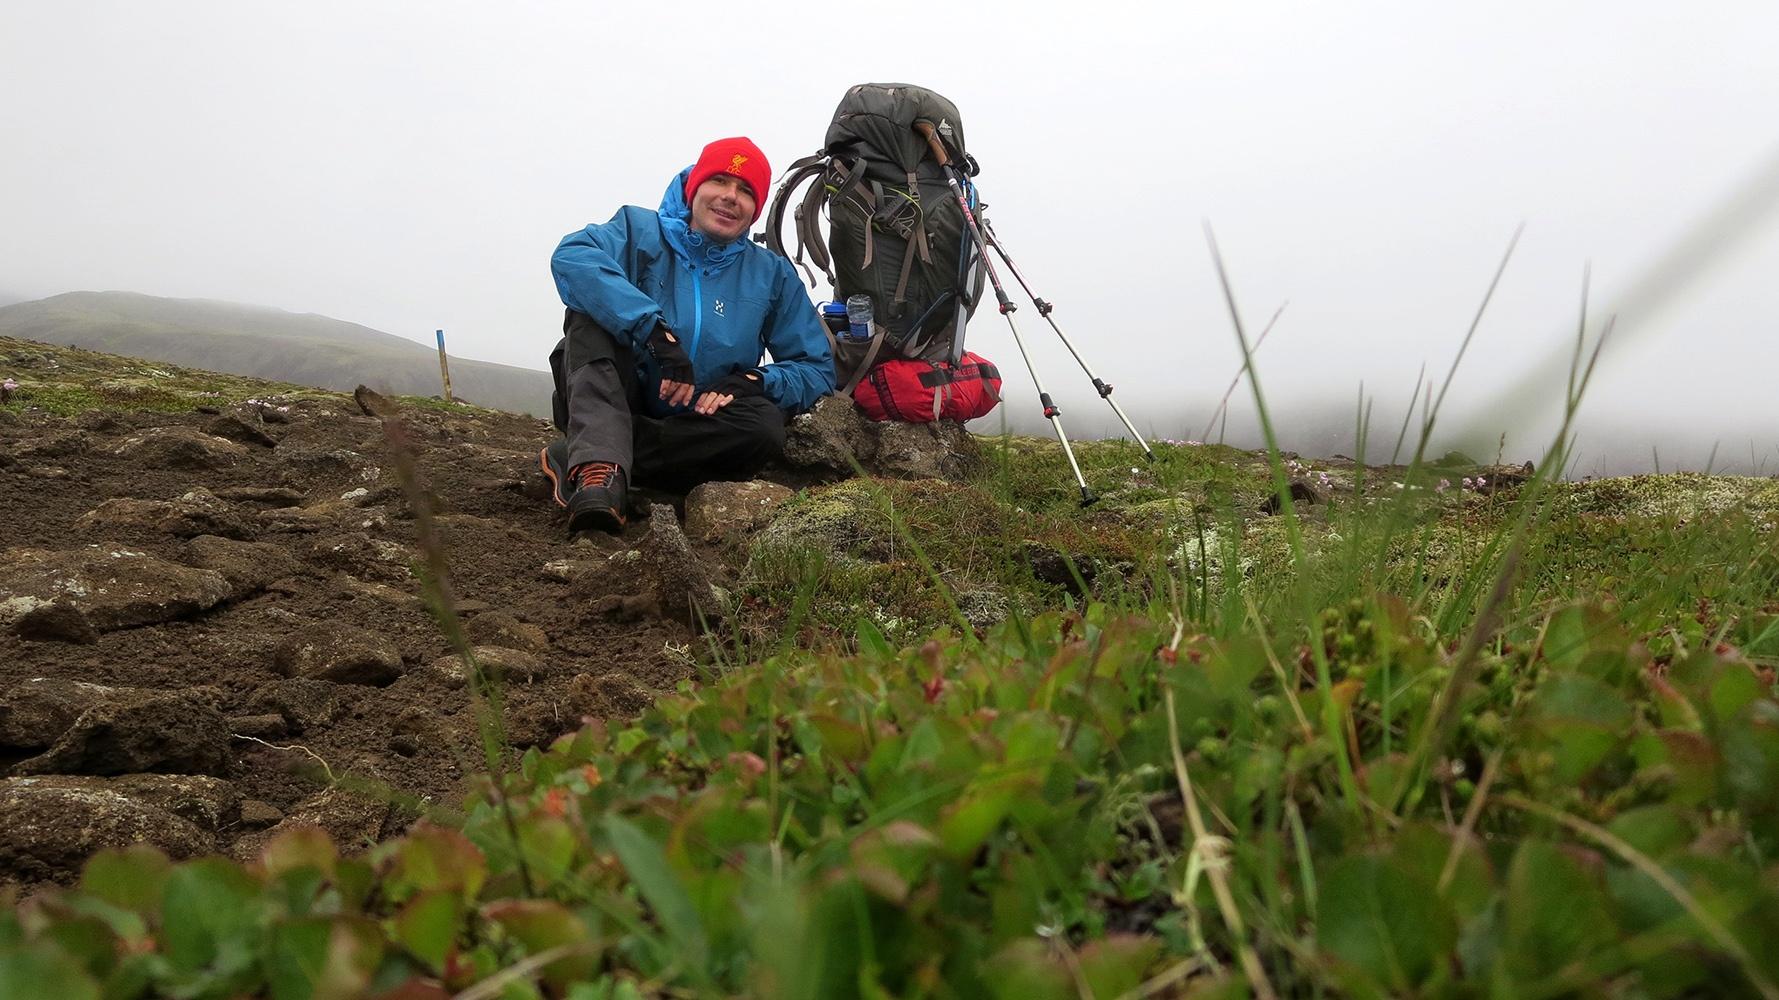 Zu Fuß durch Island: Das Abenteuer von David Franz beginnt!